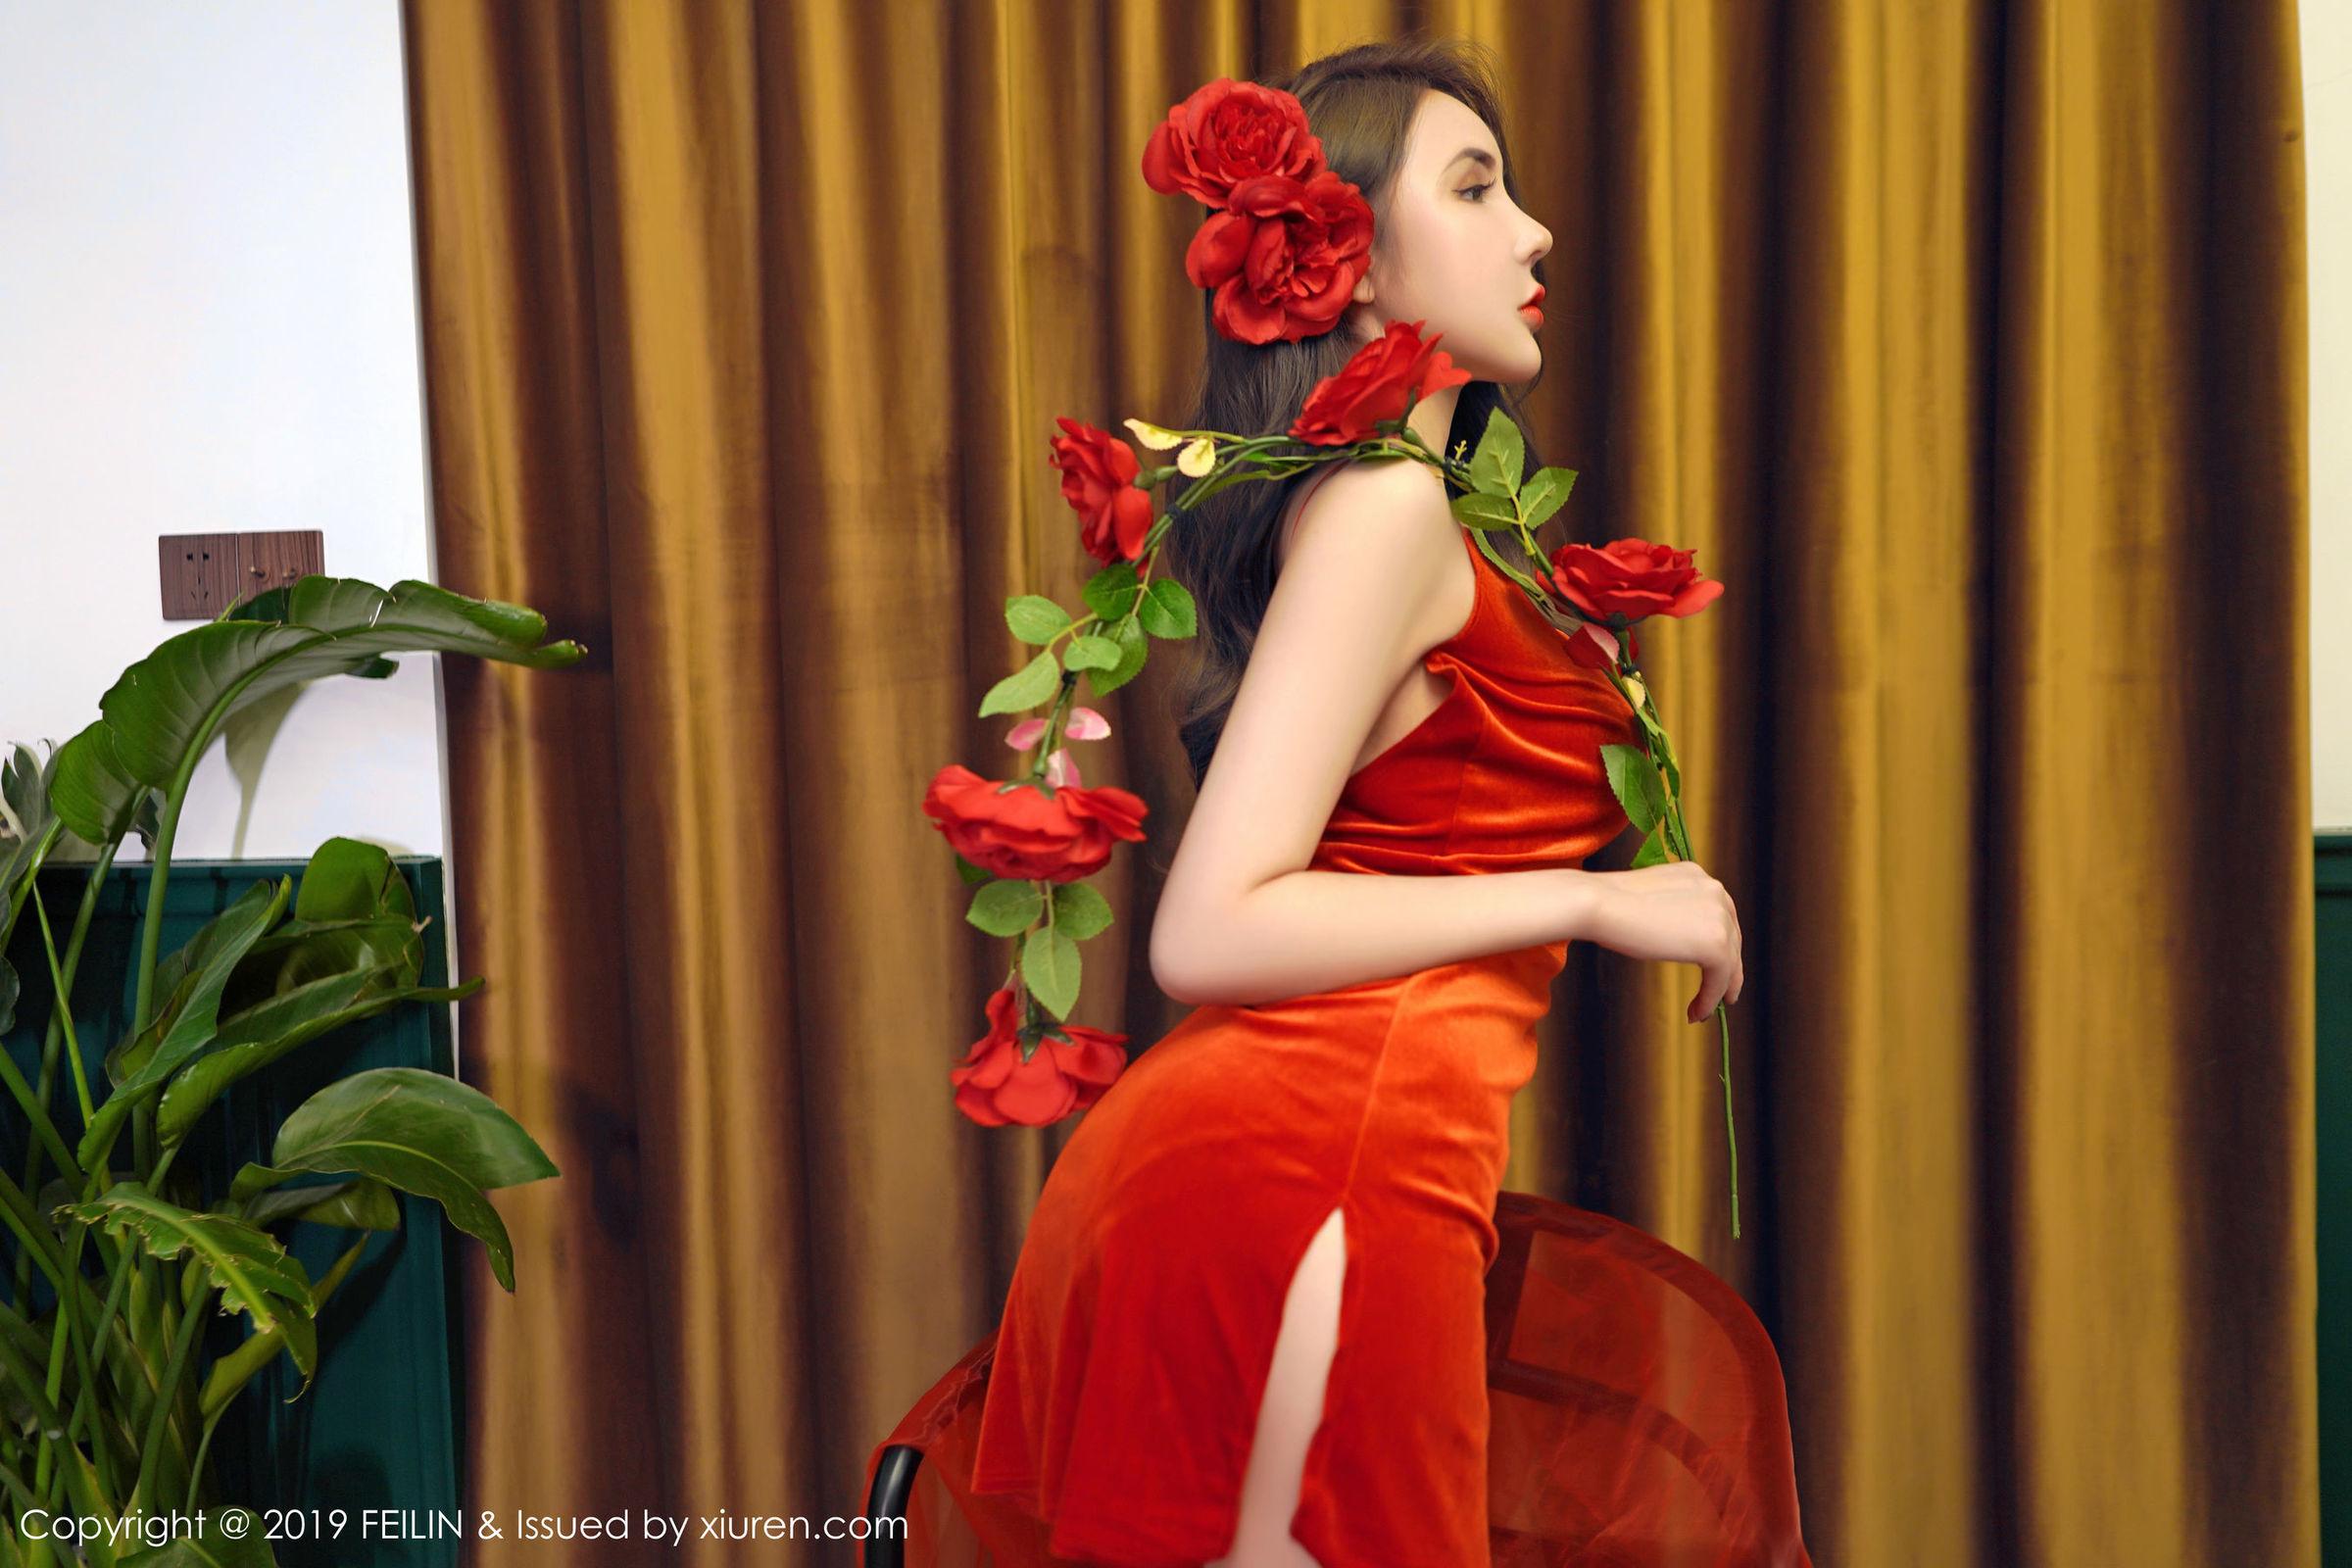 3VOSS-036清纯素人美女丝袜热裤放荡摆骚姿性感写真